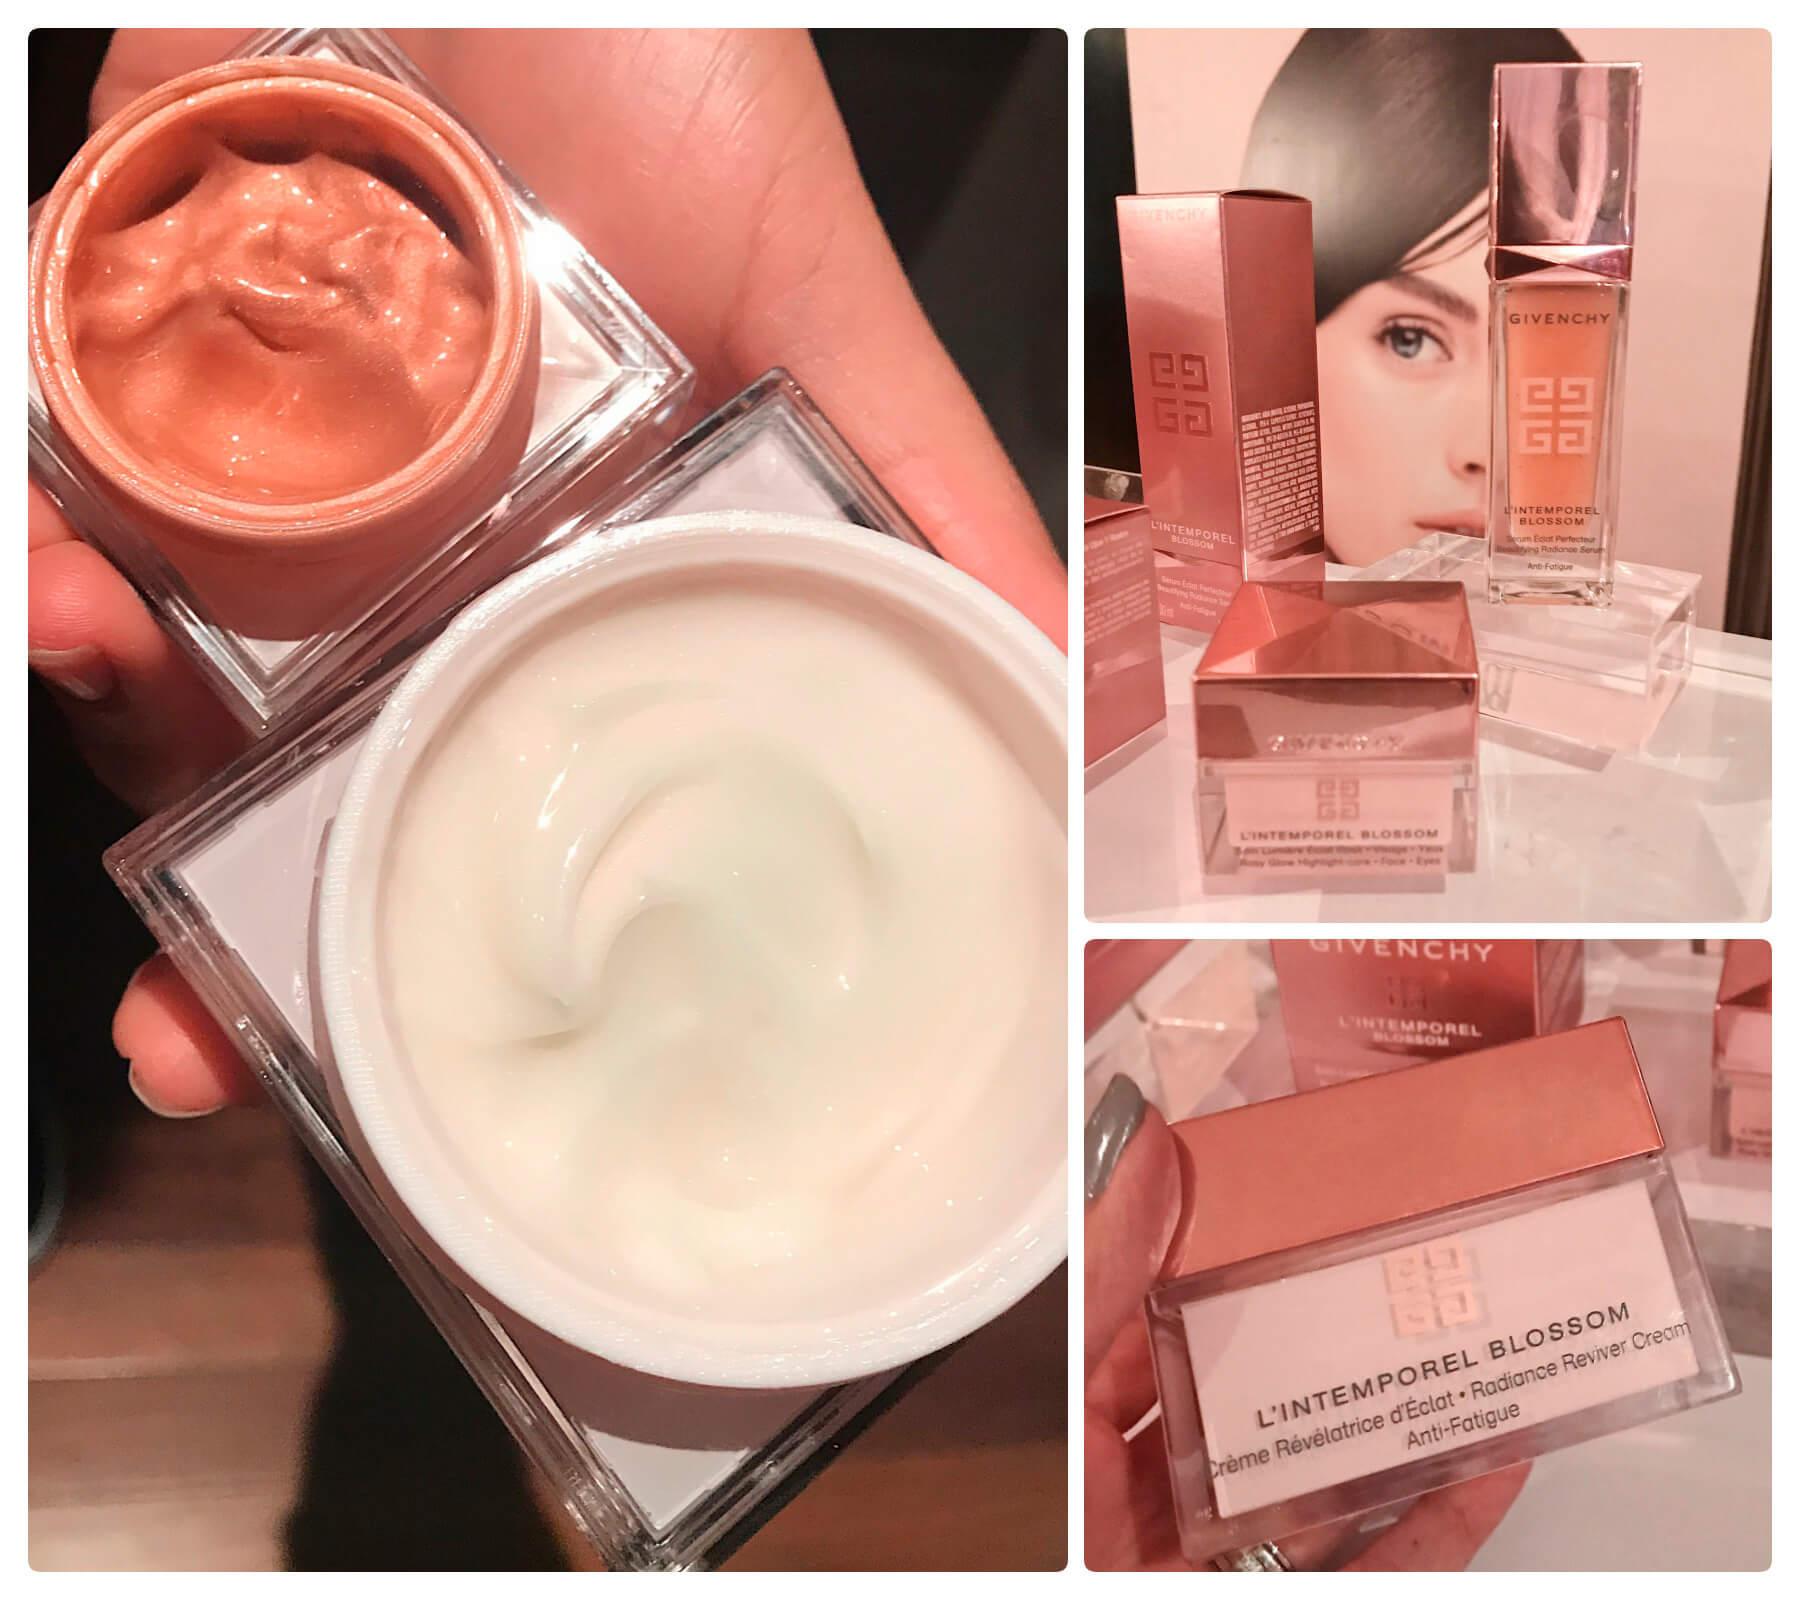 Lançamentos Sephora de Givenchy, lança linha L'Intemporel Blossom, anti fadiga para a pele facial